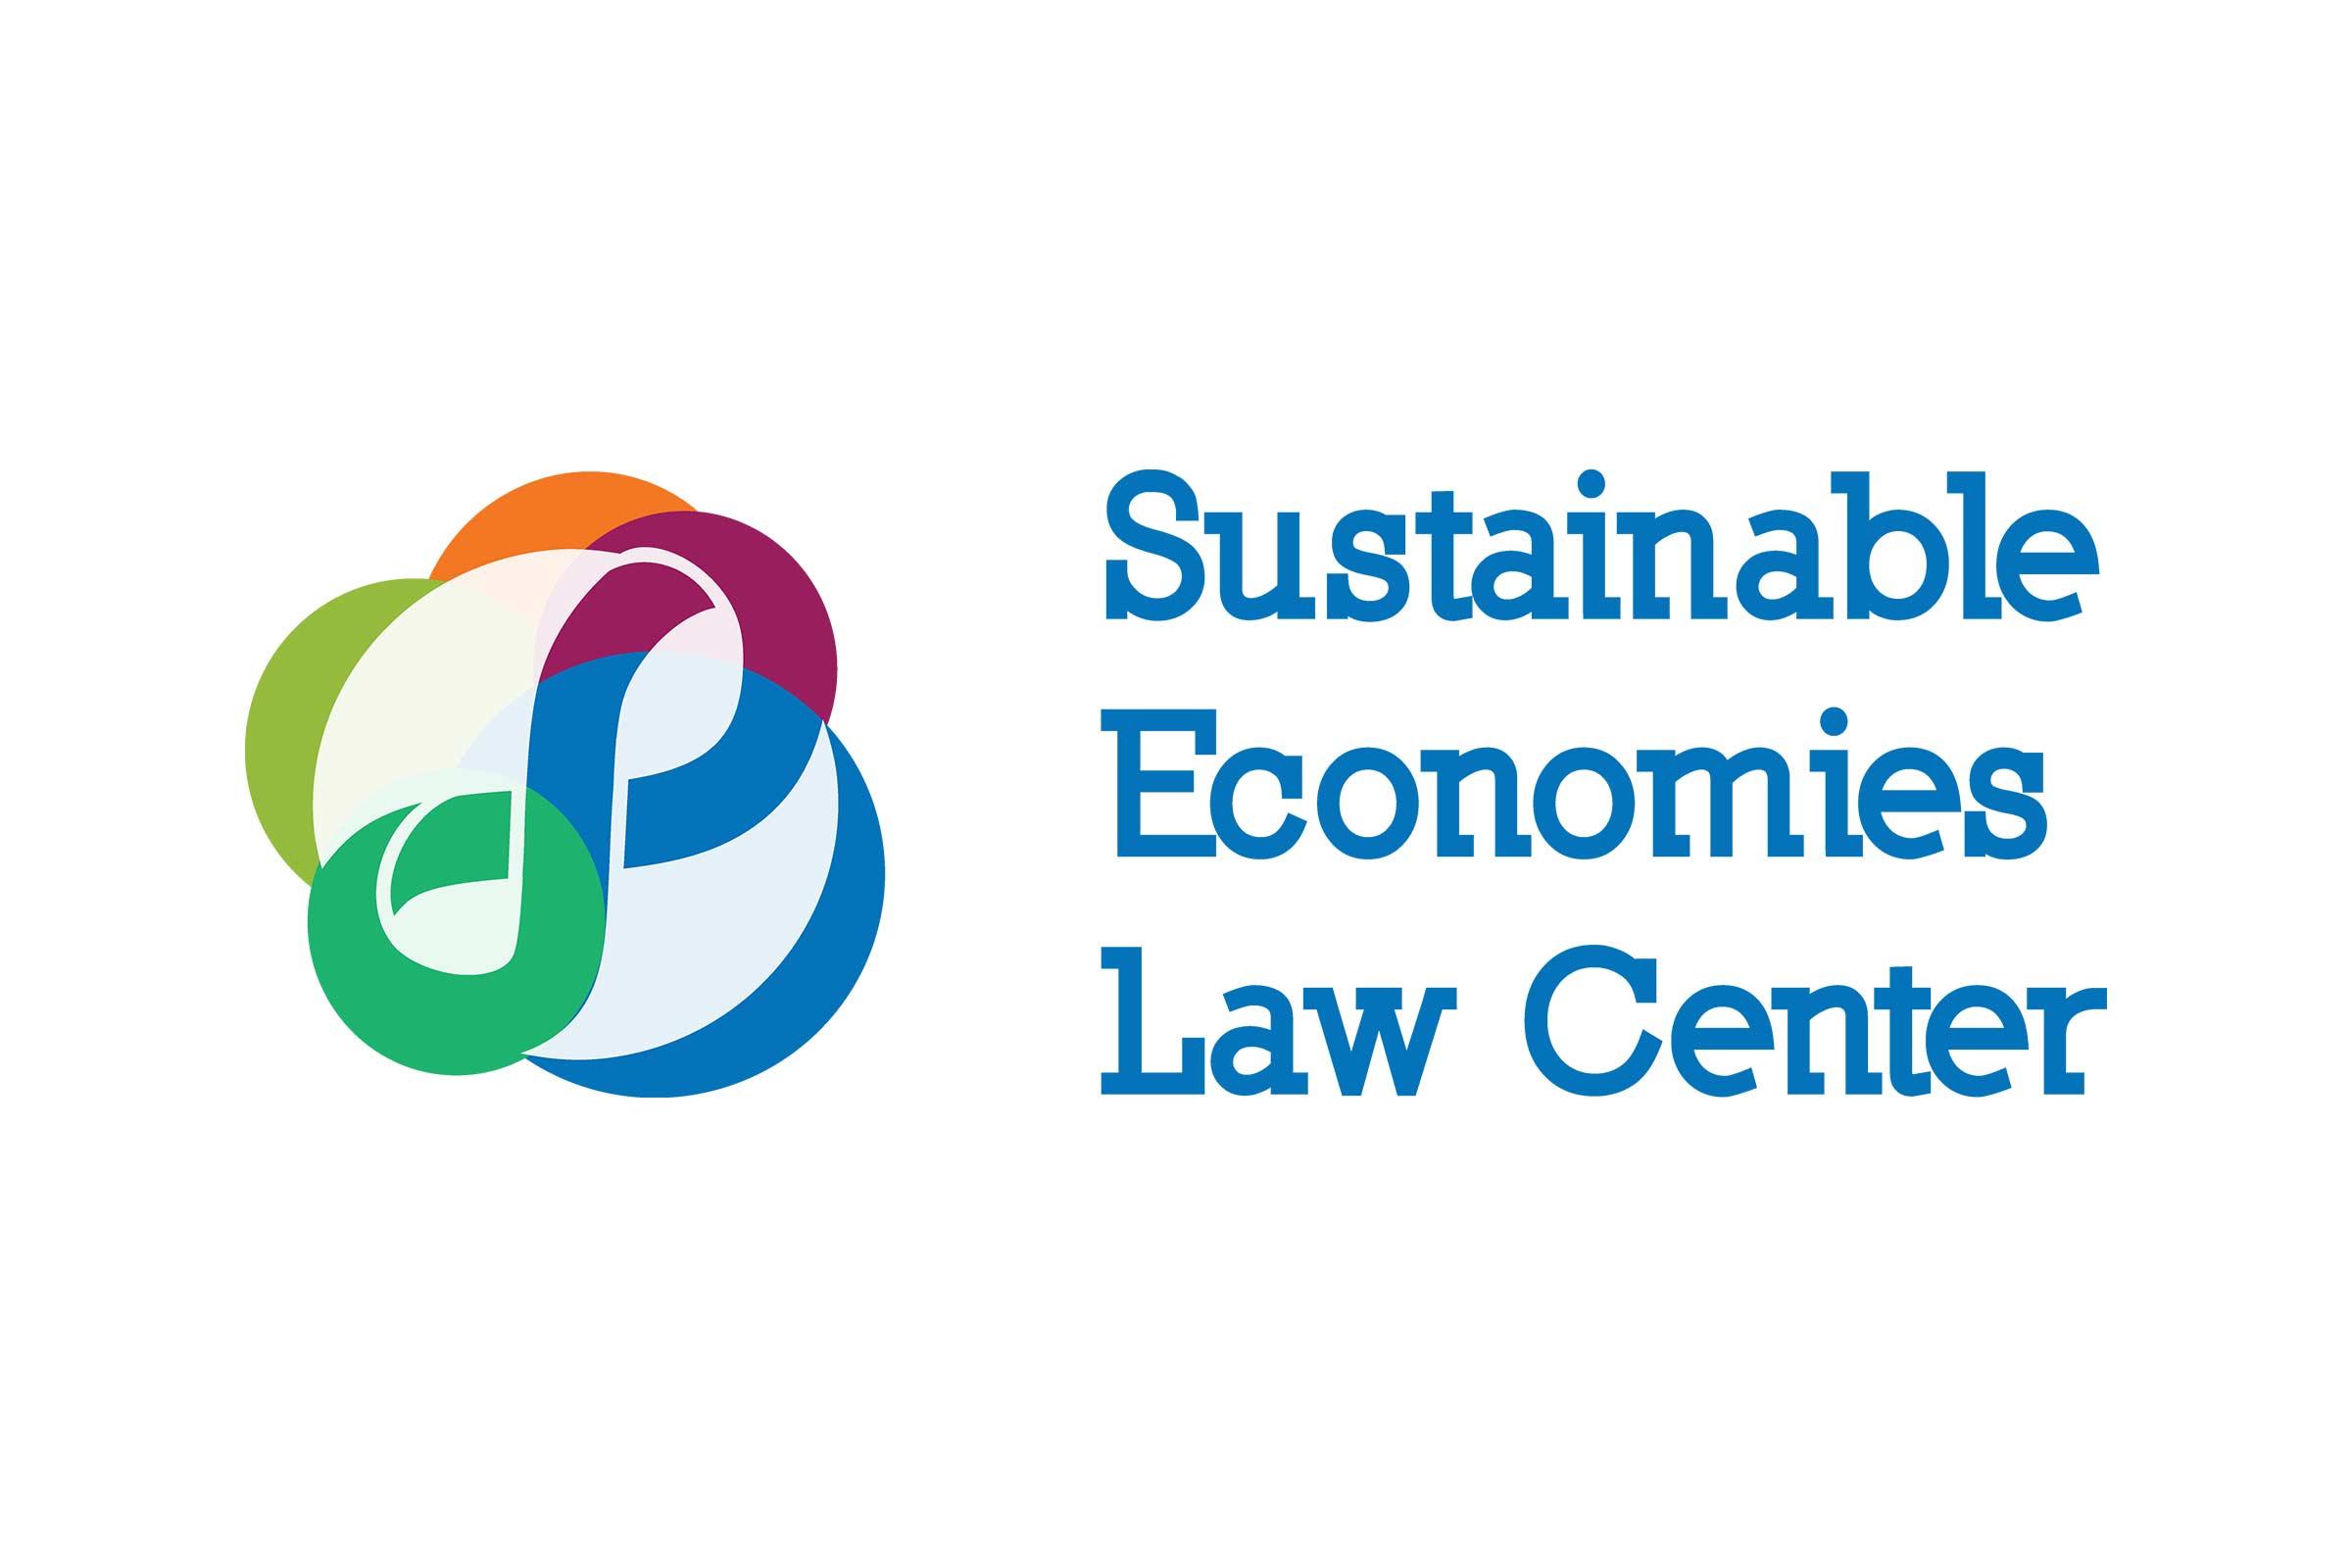 Sustainable Economies Law Center